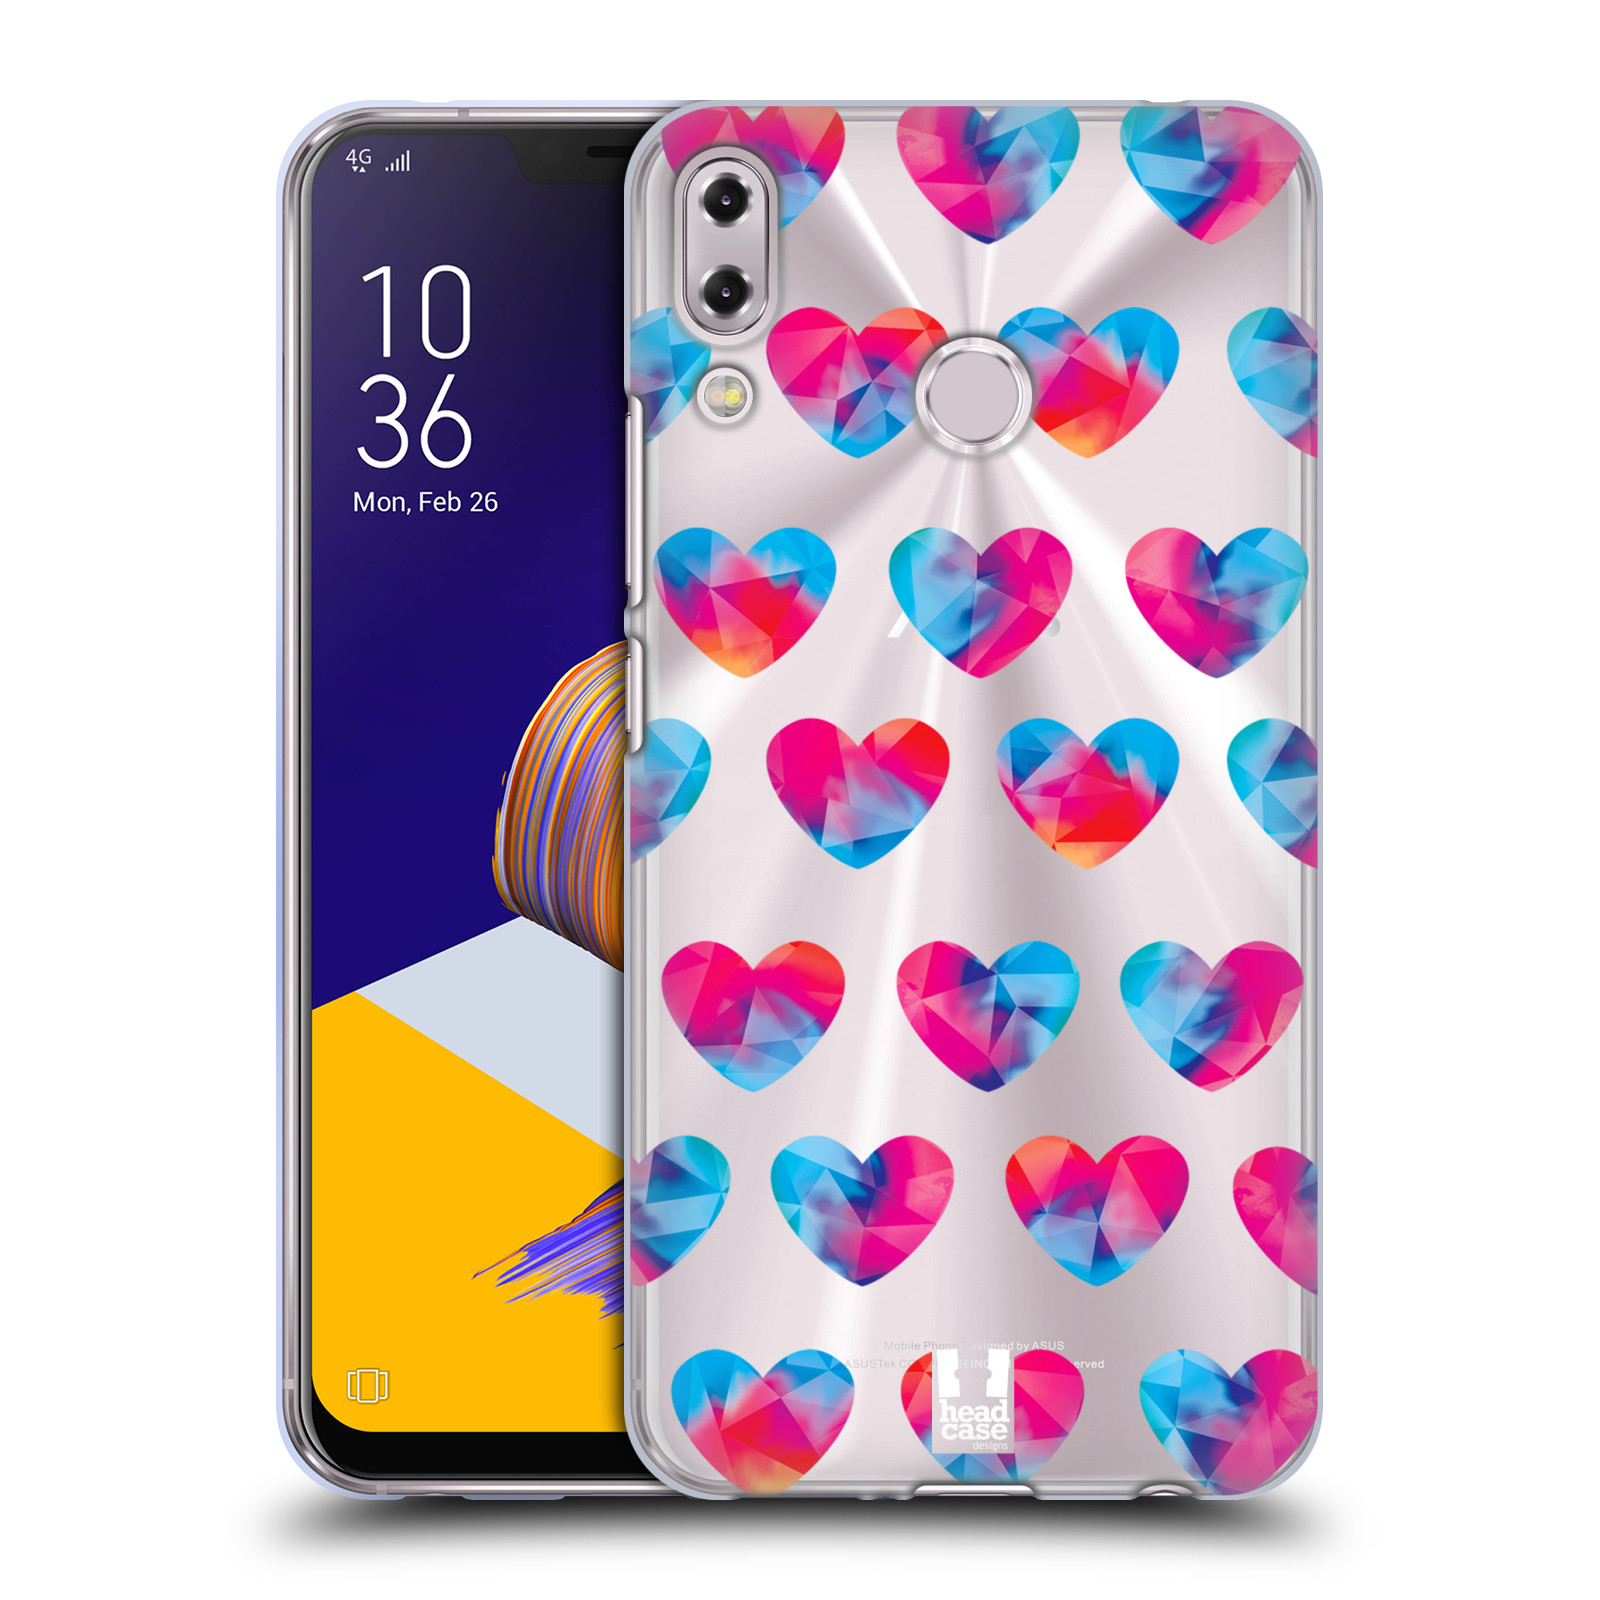 Silikonové pouzdro na mobil Asus Zenfone 5z ZS620KL - Head Case - Srdíčka hrající barvami